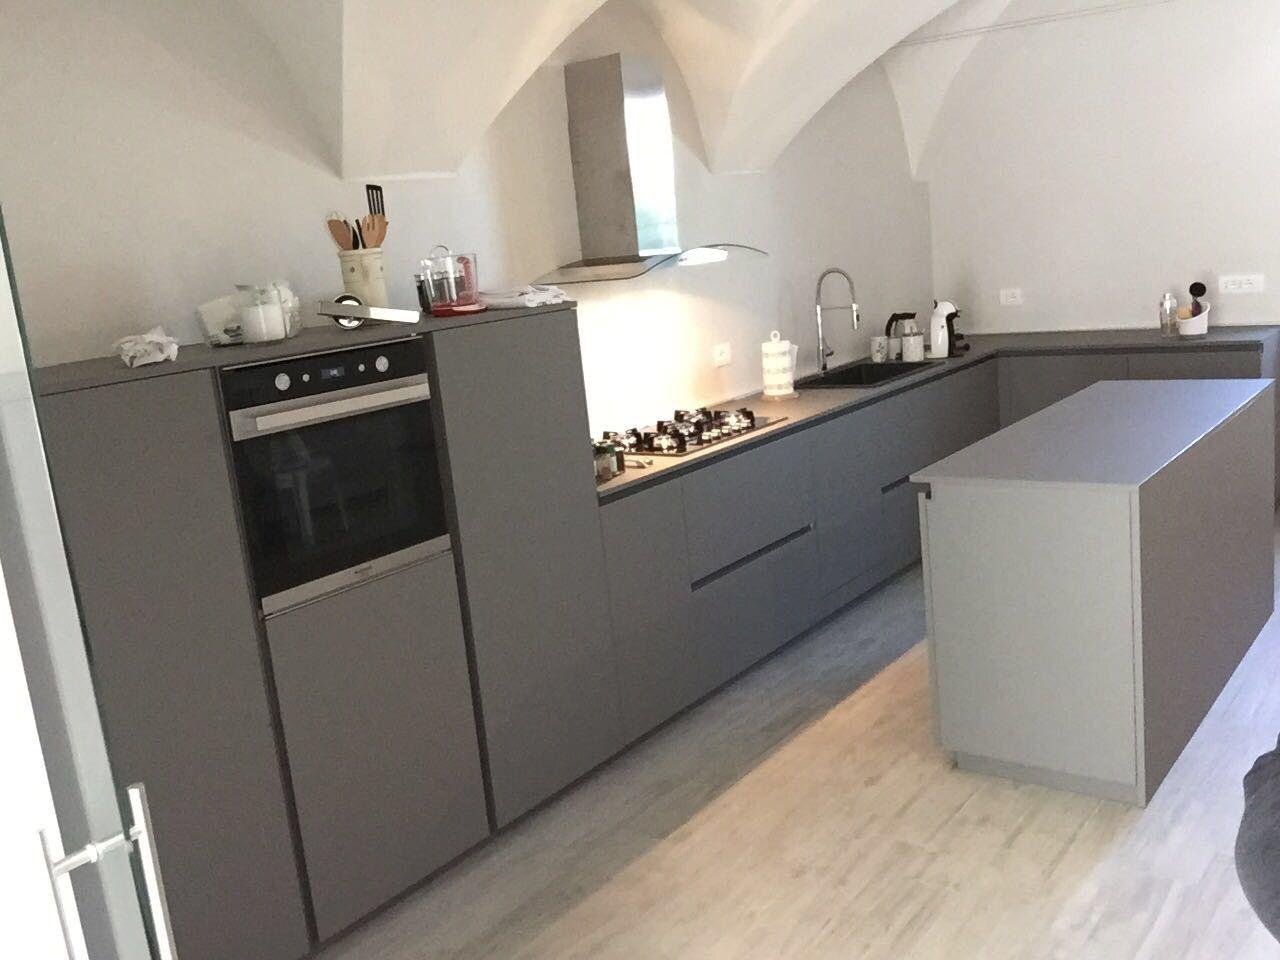 Modello lube store cucine brescia arredamenti brescia viale s eufemia angolo via giacosa - Zoccolo cucina altezza ...